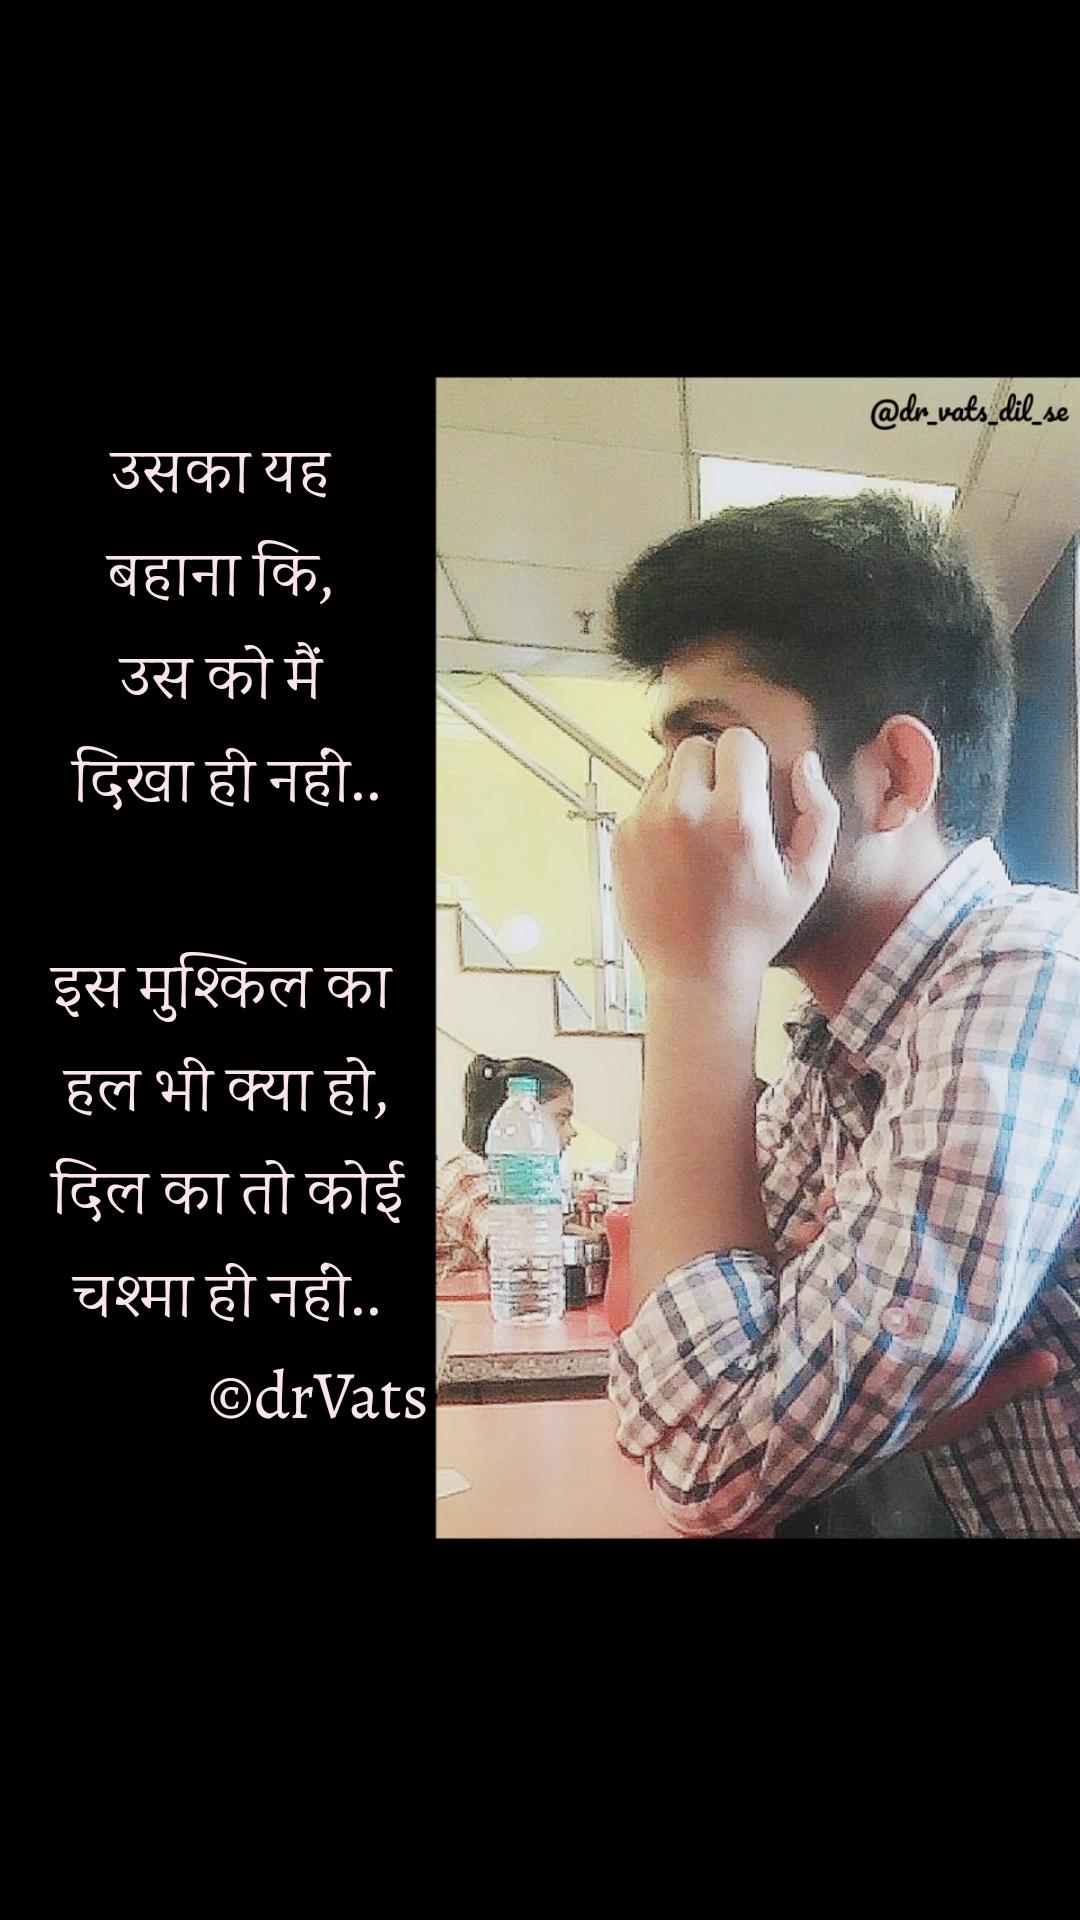 उसका यह  बहाना कि,  उस को मैं  दिखा ही नहीं..  इस मुश्किल का  हल भी क्या हो, दिल का तो कोई चश्मा ही नहीं..               ©drVats